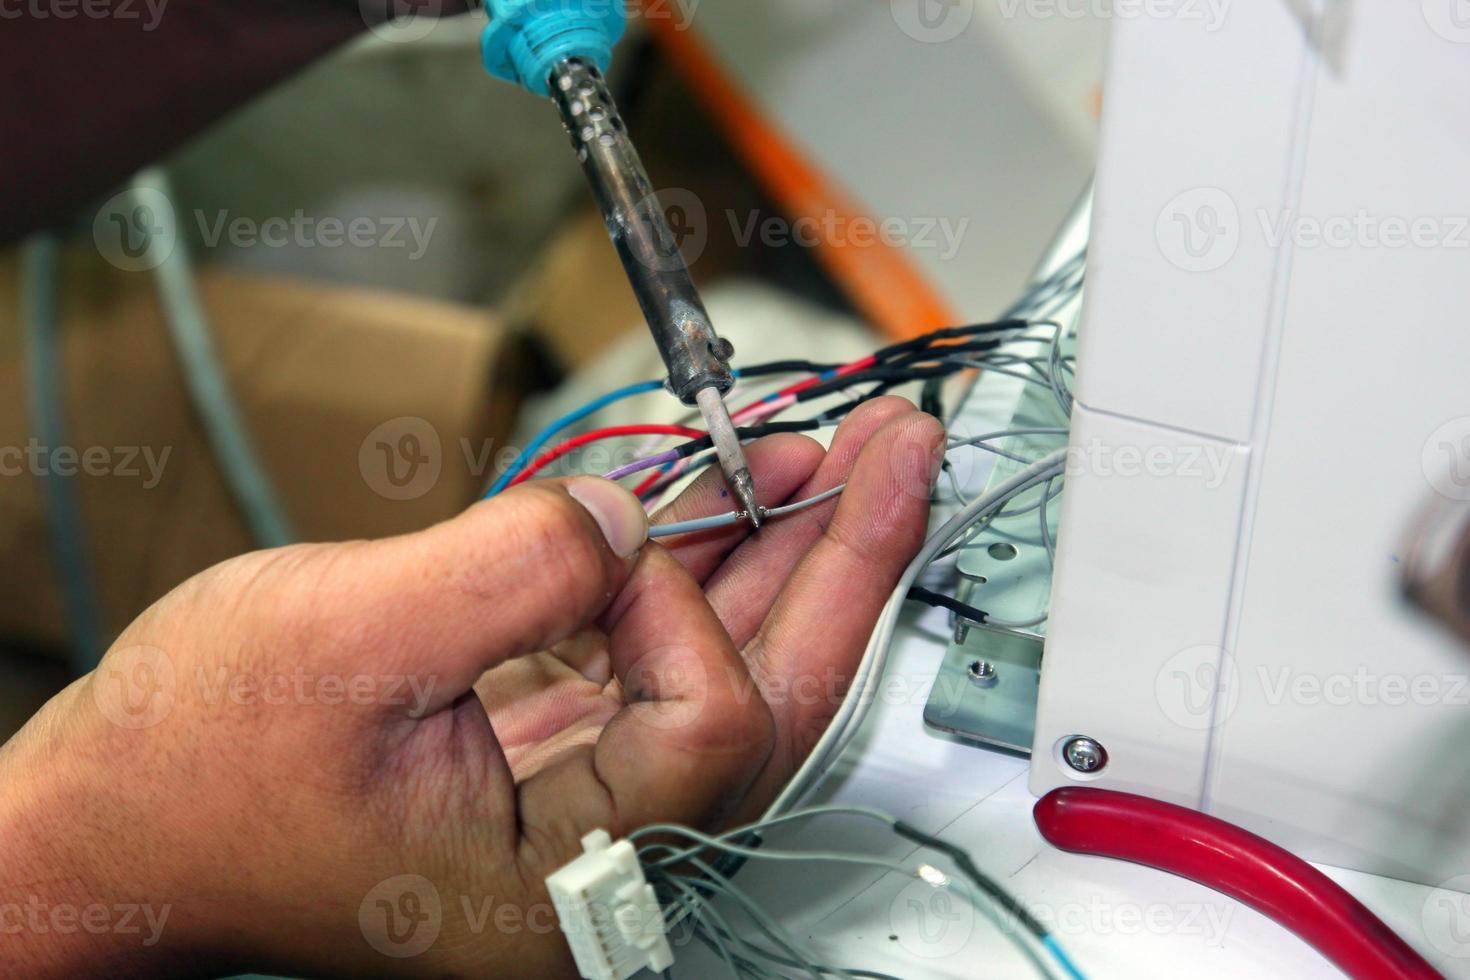 Welding, soldering close photo